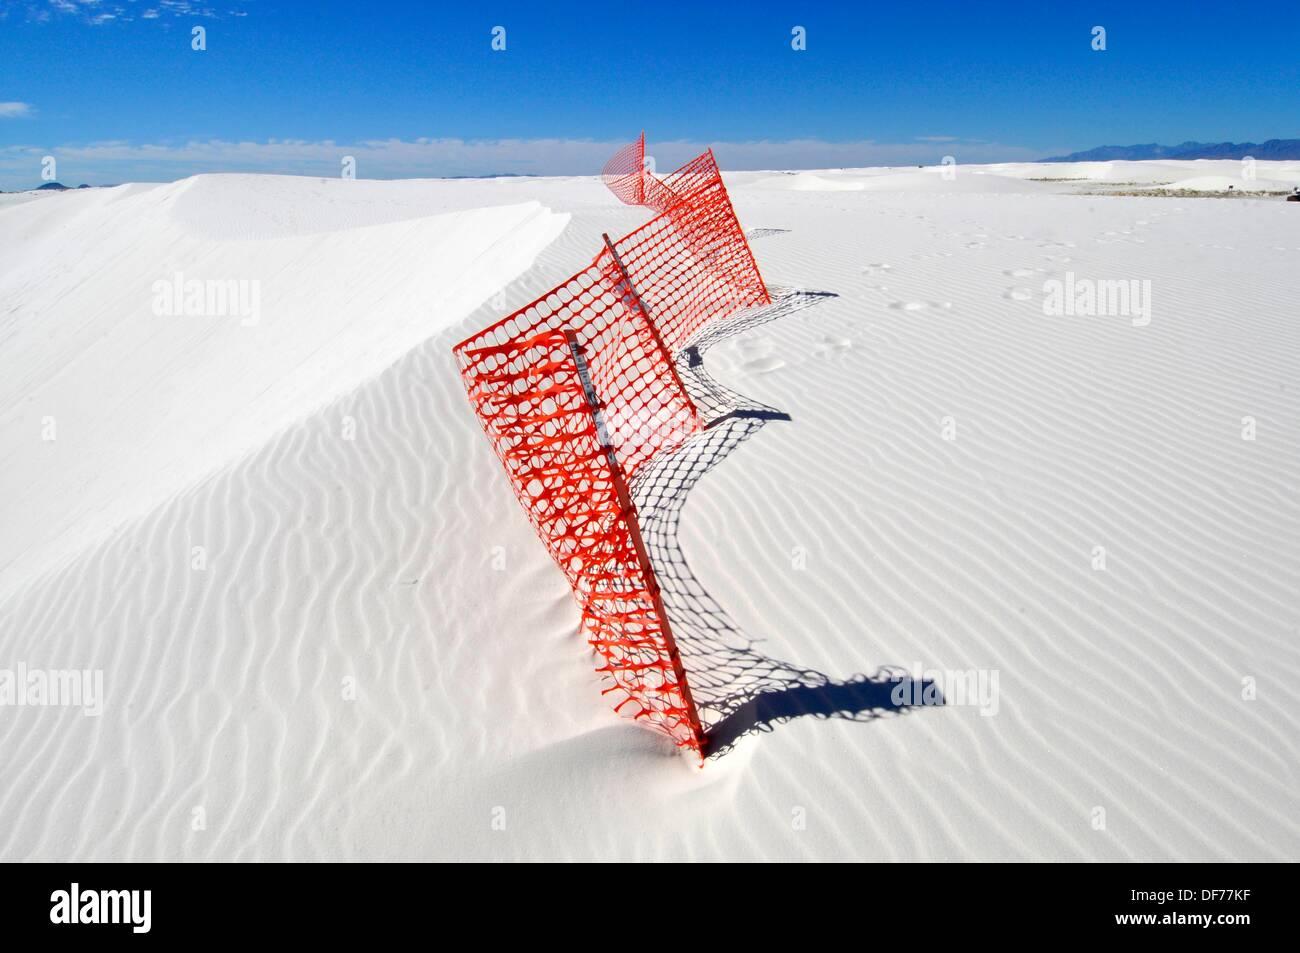 Orange Zaun verhindert Erosion an White Sands National Monument New Mexico Stockbild